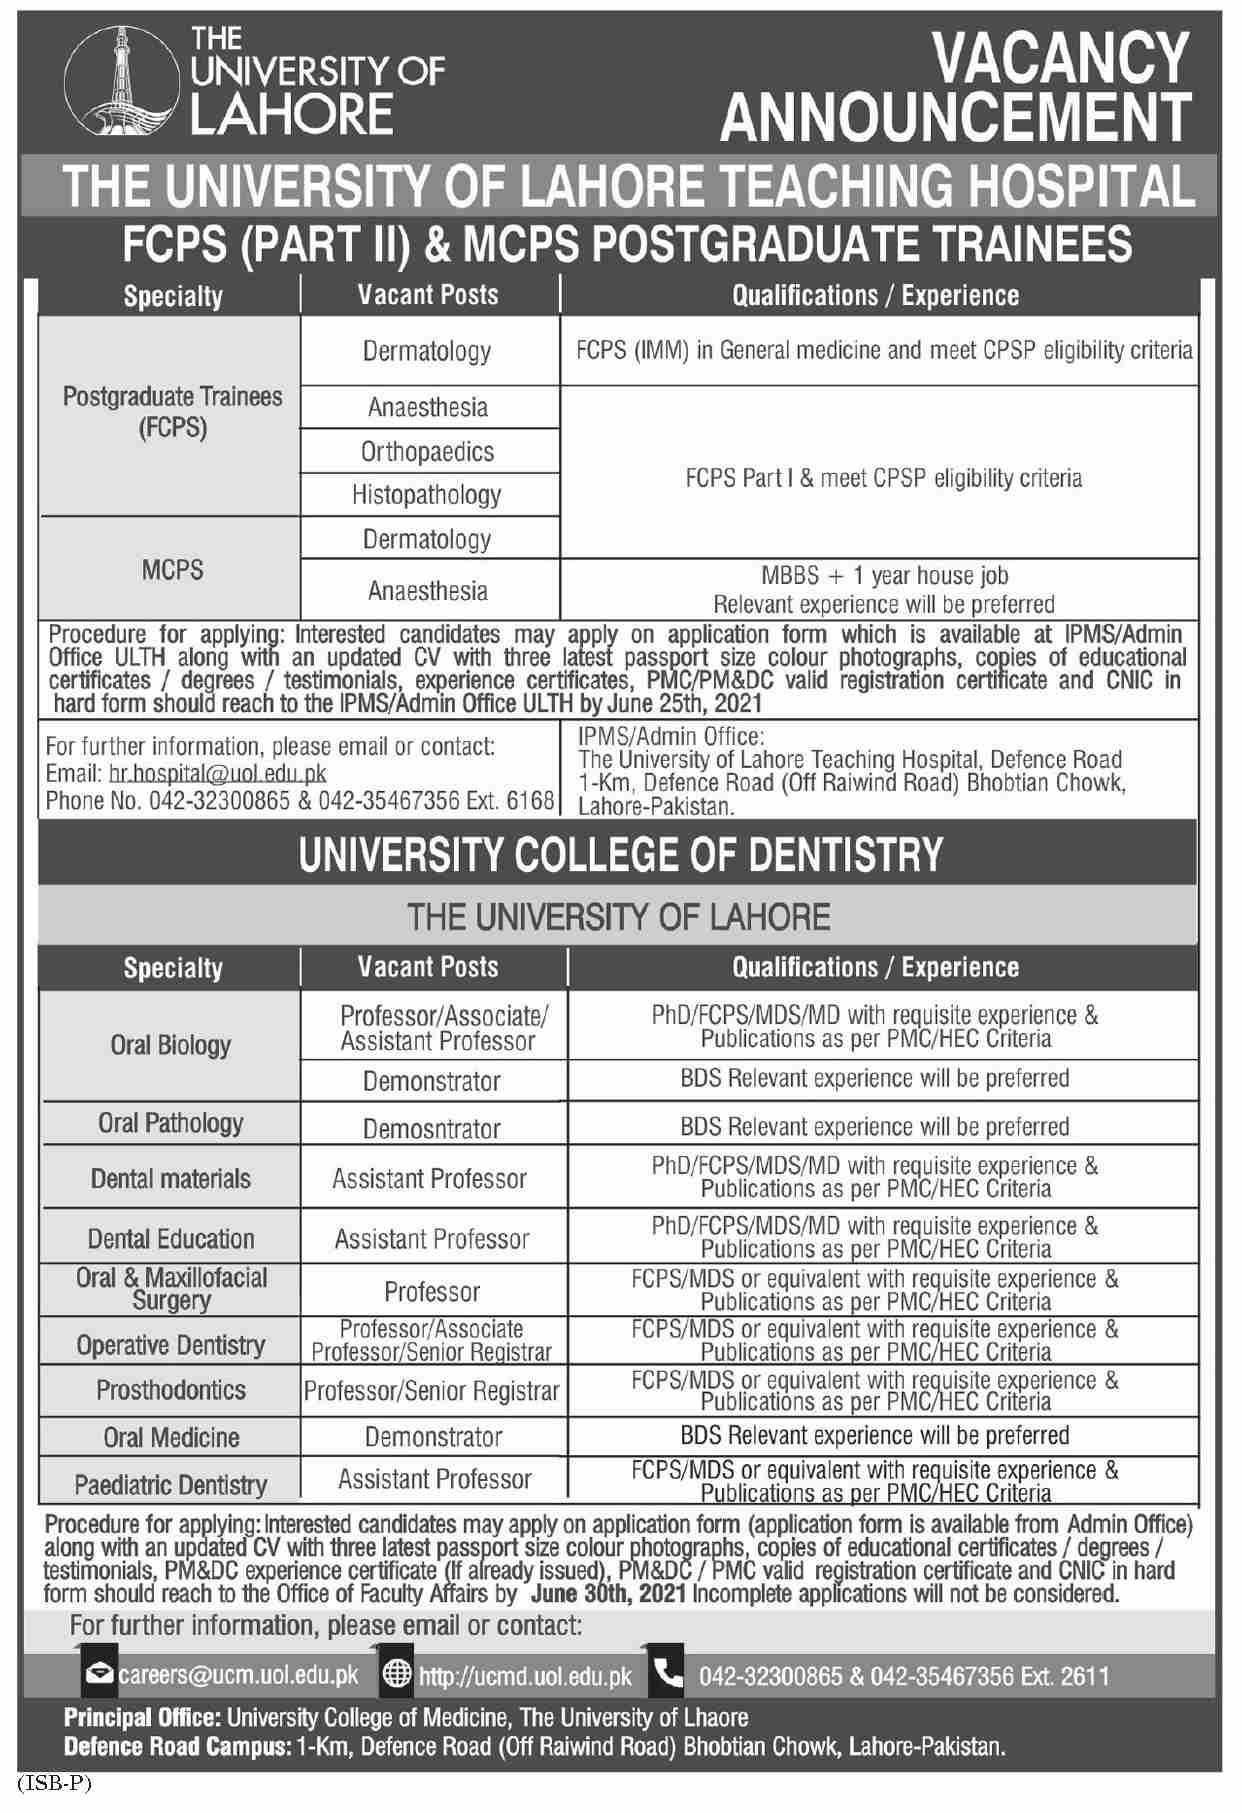 UOL Teaching Hospital Postgraduate Training 2021